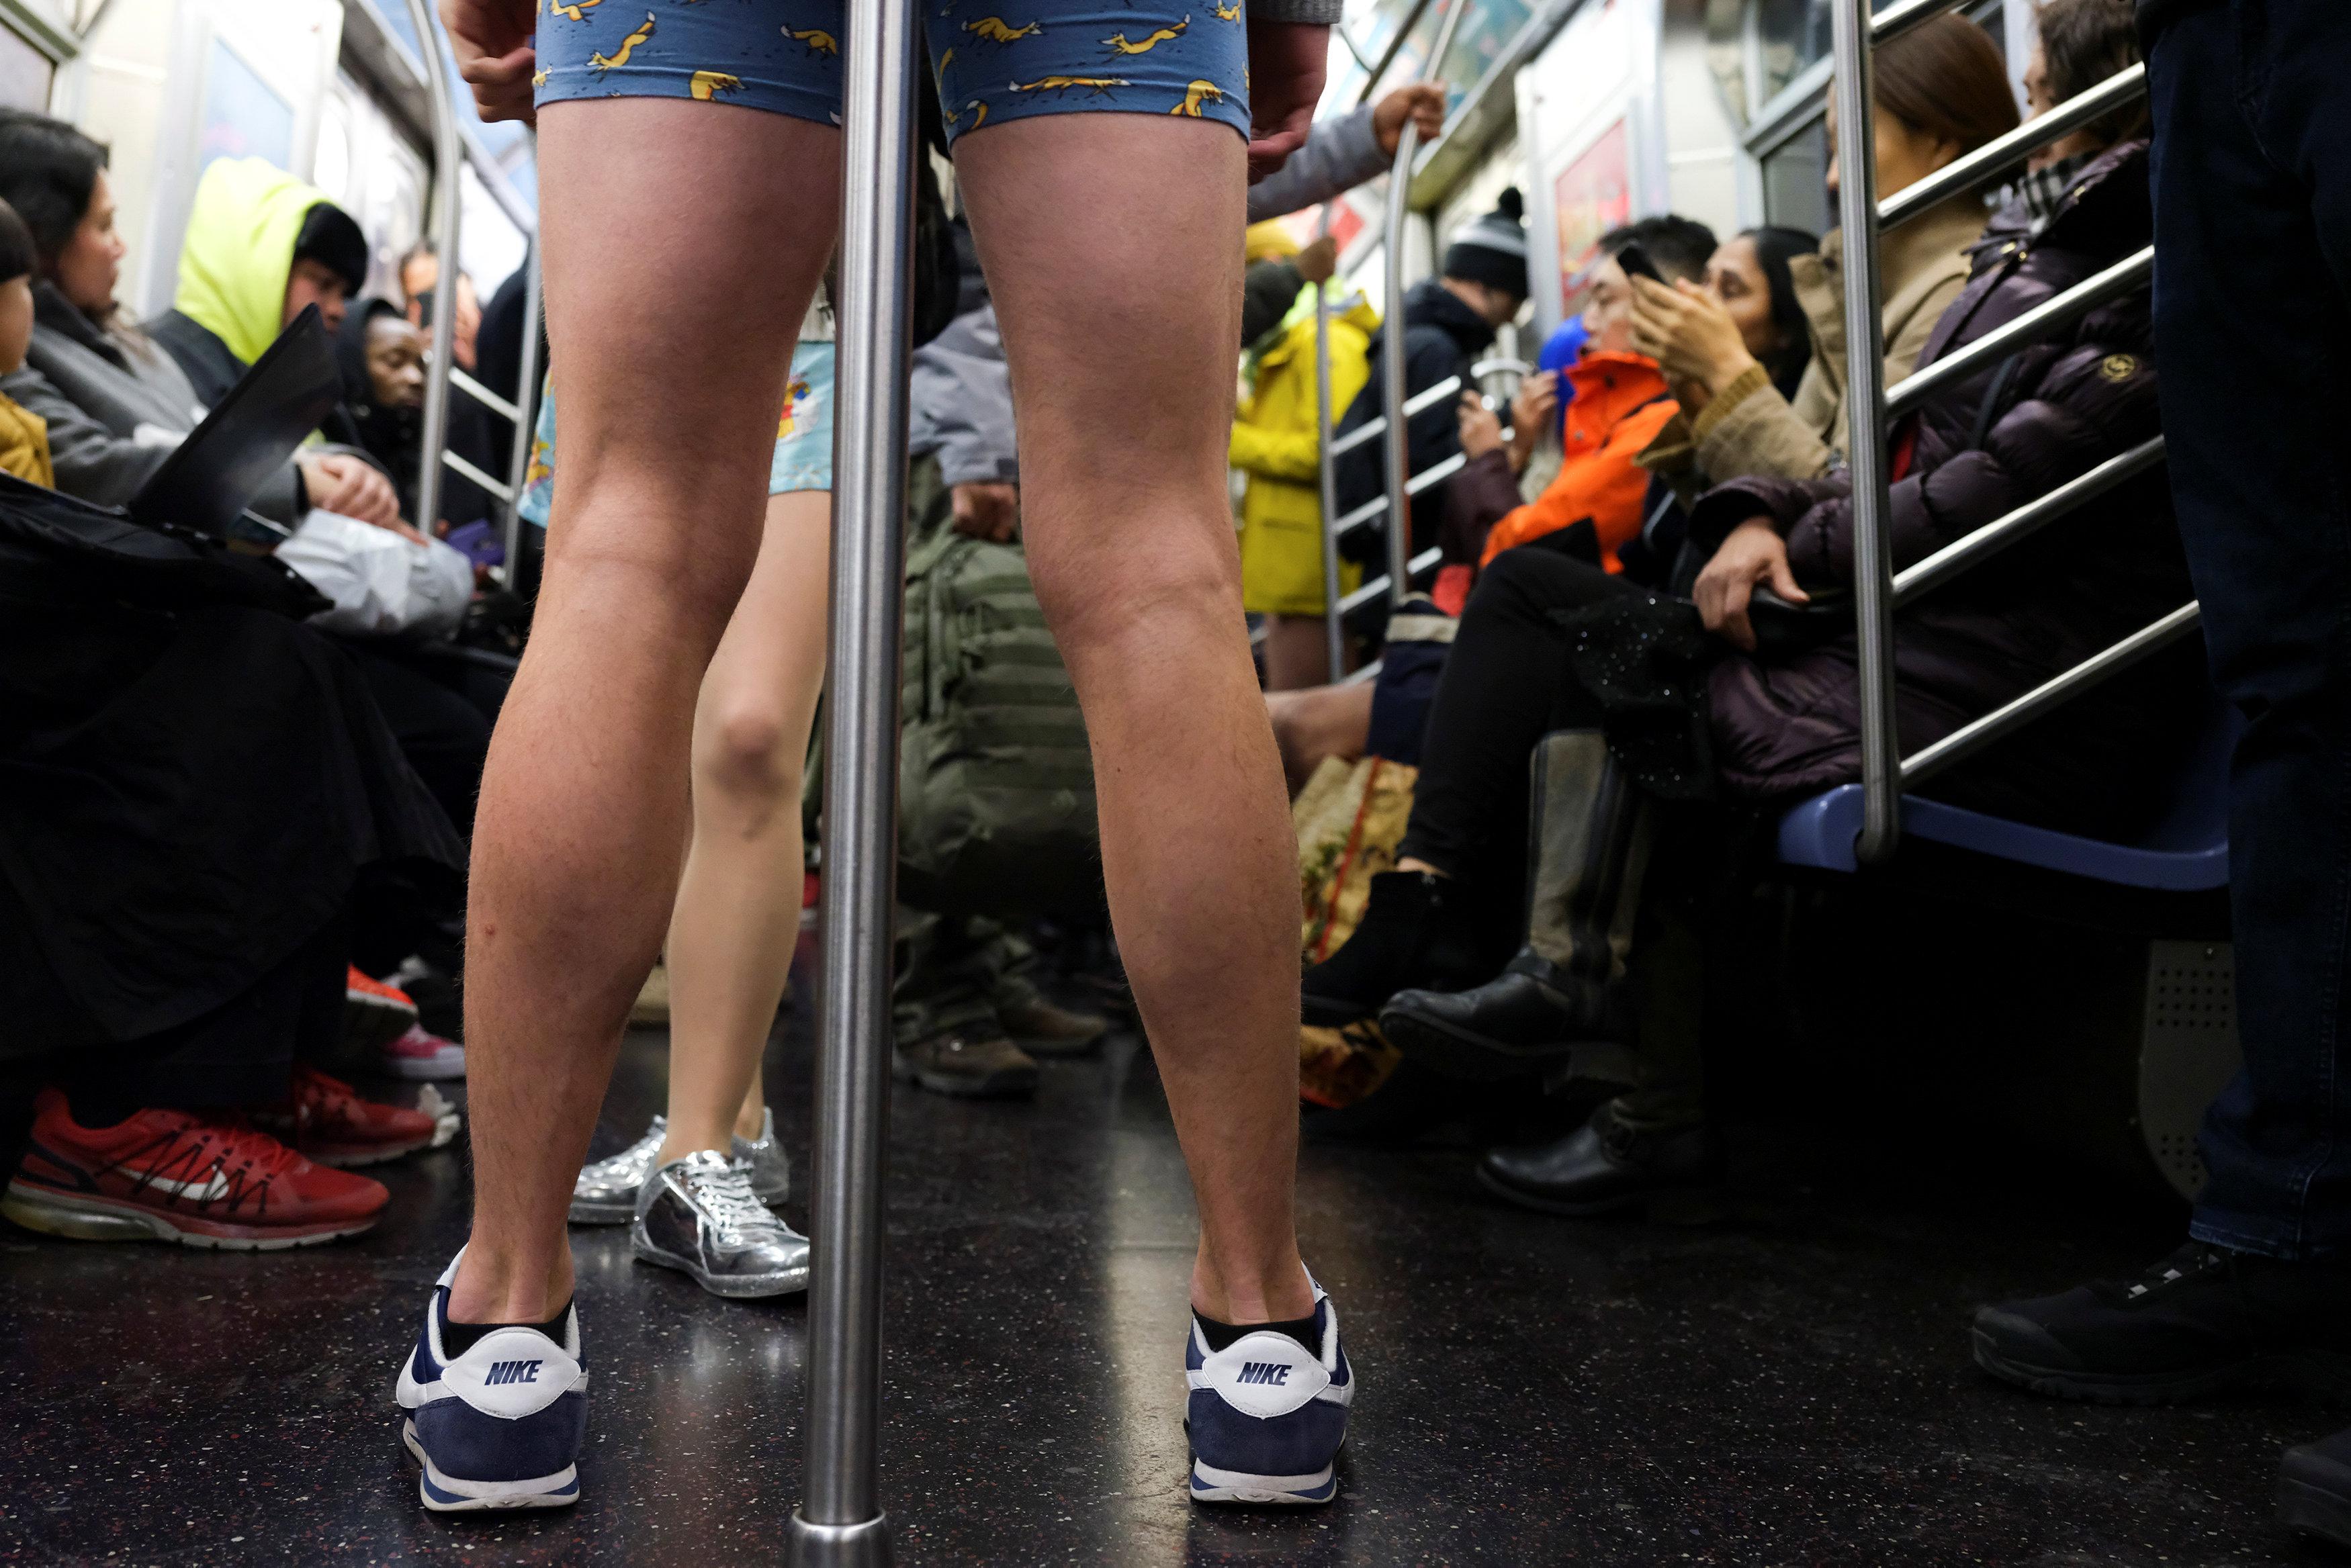 ركاب مترو نيويورك يحتفلون باليوم العالمى لخلع السروال رغم البرد (6)